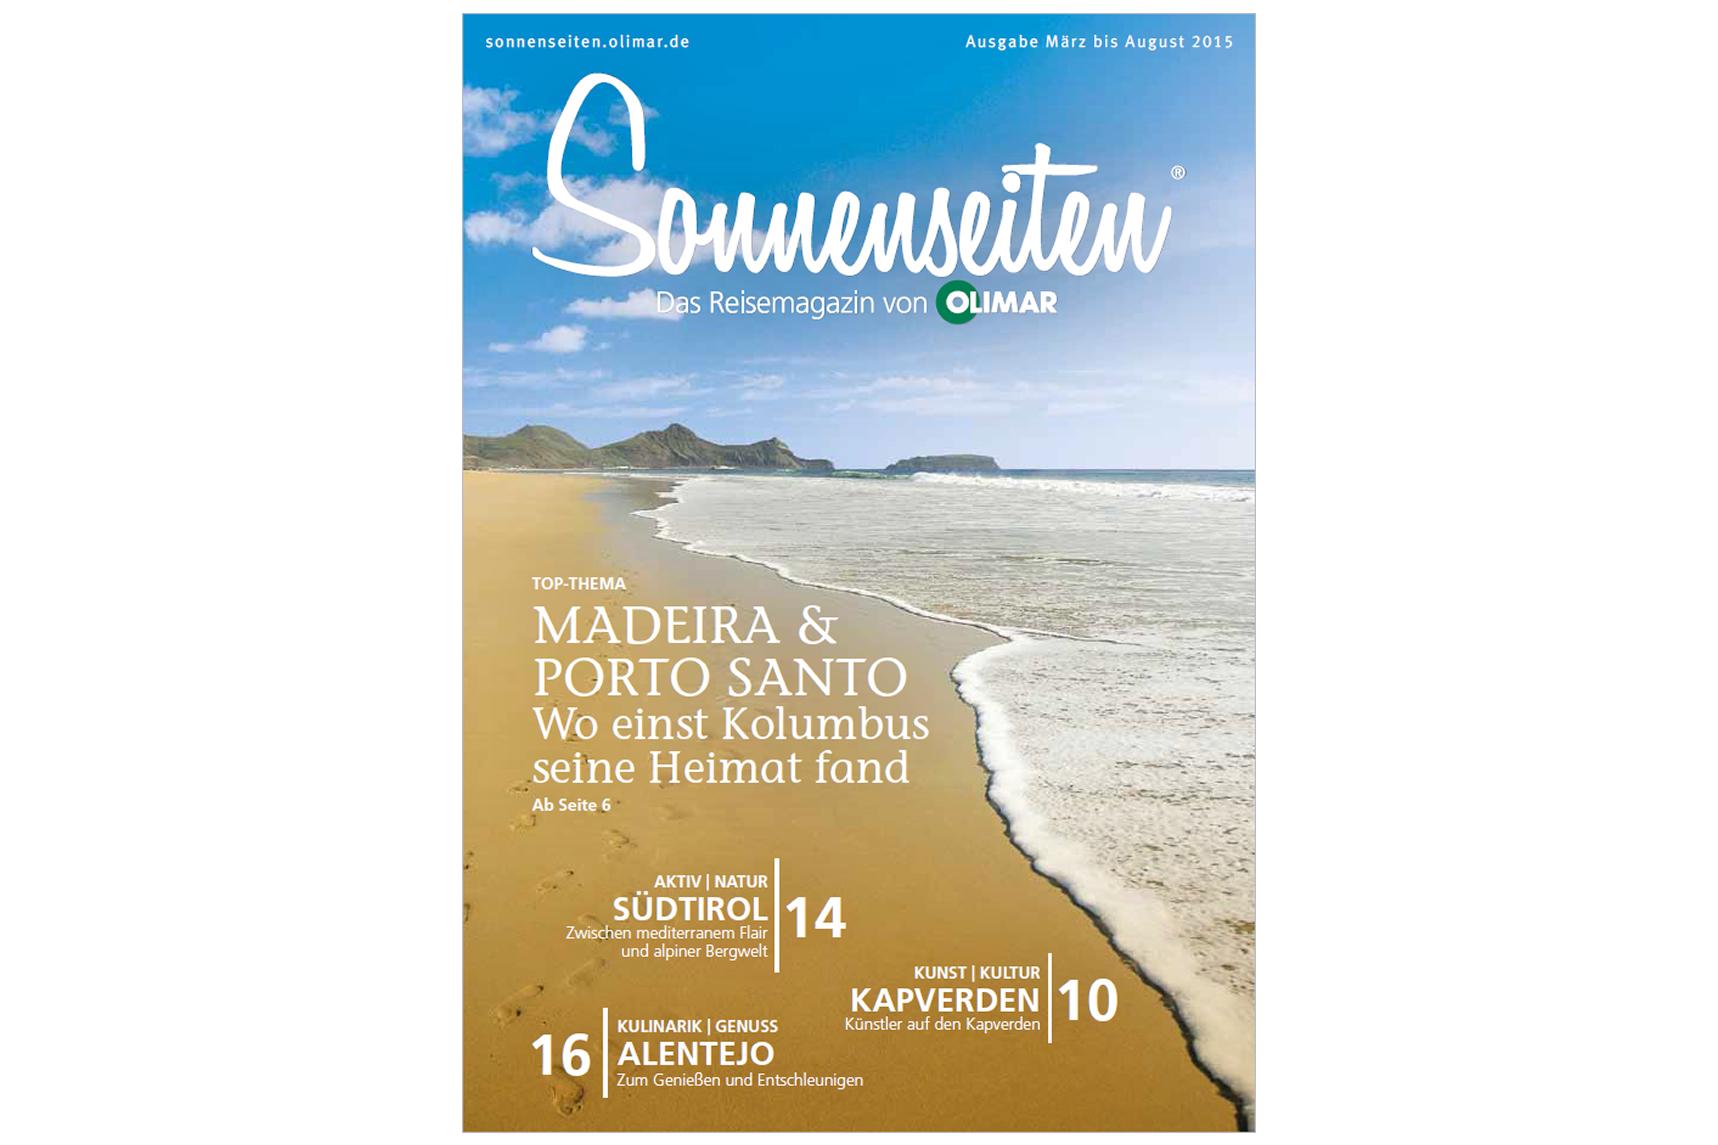 Titelbild Ausgabe 1 OLIMAR Sonnenseiten Reisemagazins